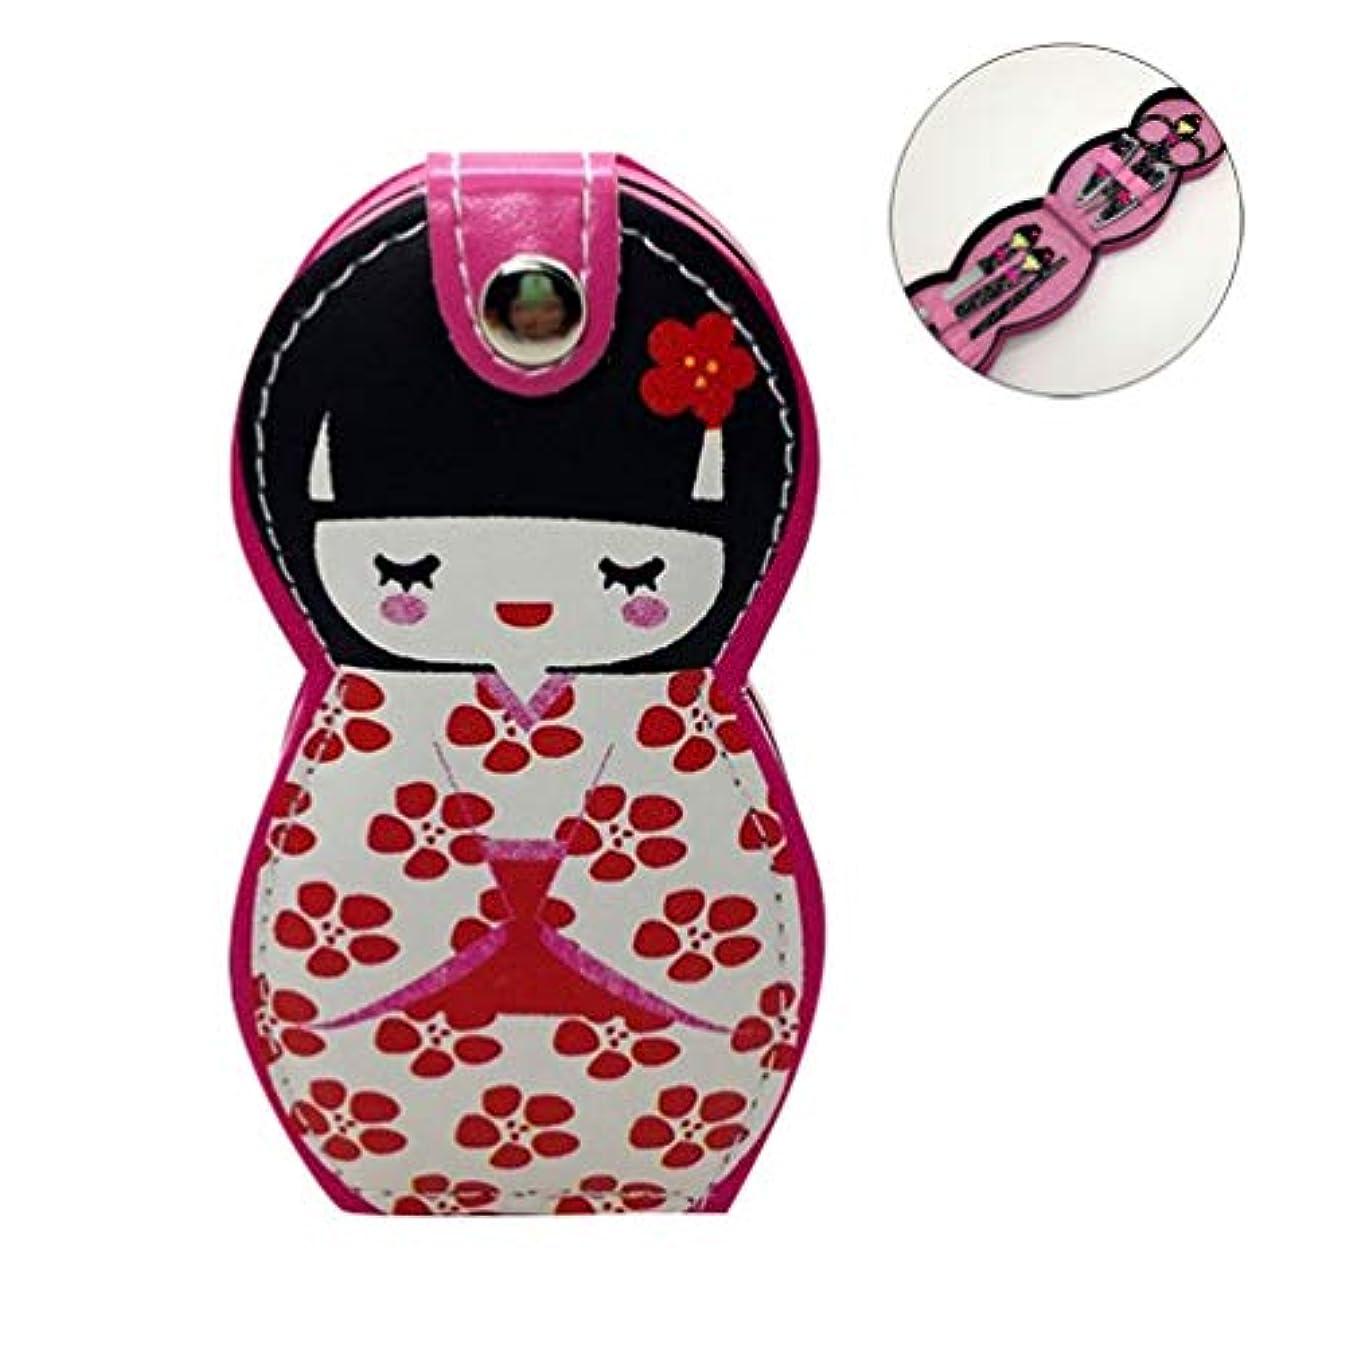 義務的編集するグレートオークHongma ネイルケアセット マニキュアセット 可愛い 日本人形 ロシア人形 グルーミングキット 爪やすり 爪切りセット 携帯便利 収納ケース付き (日本人形ピンク花柄)